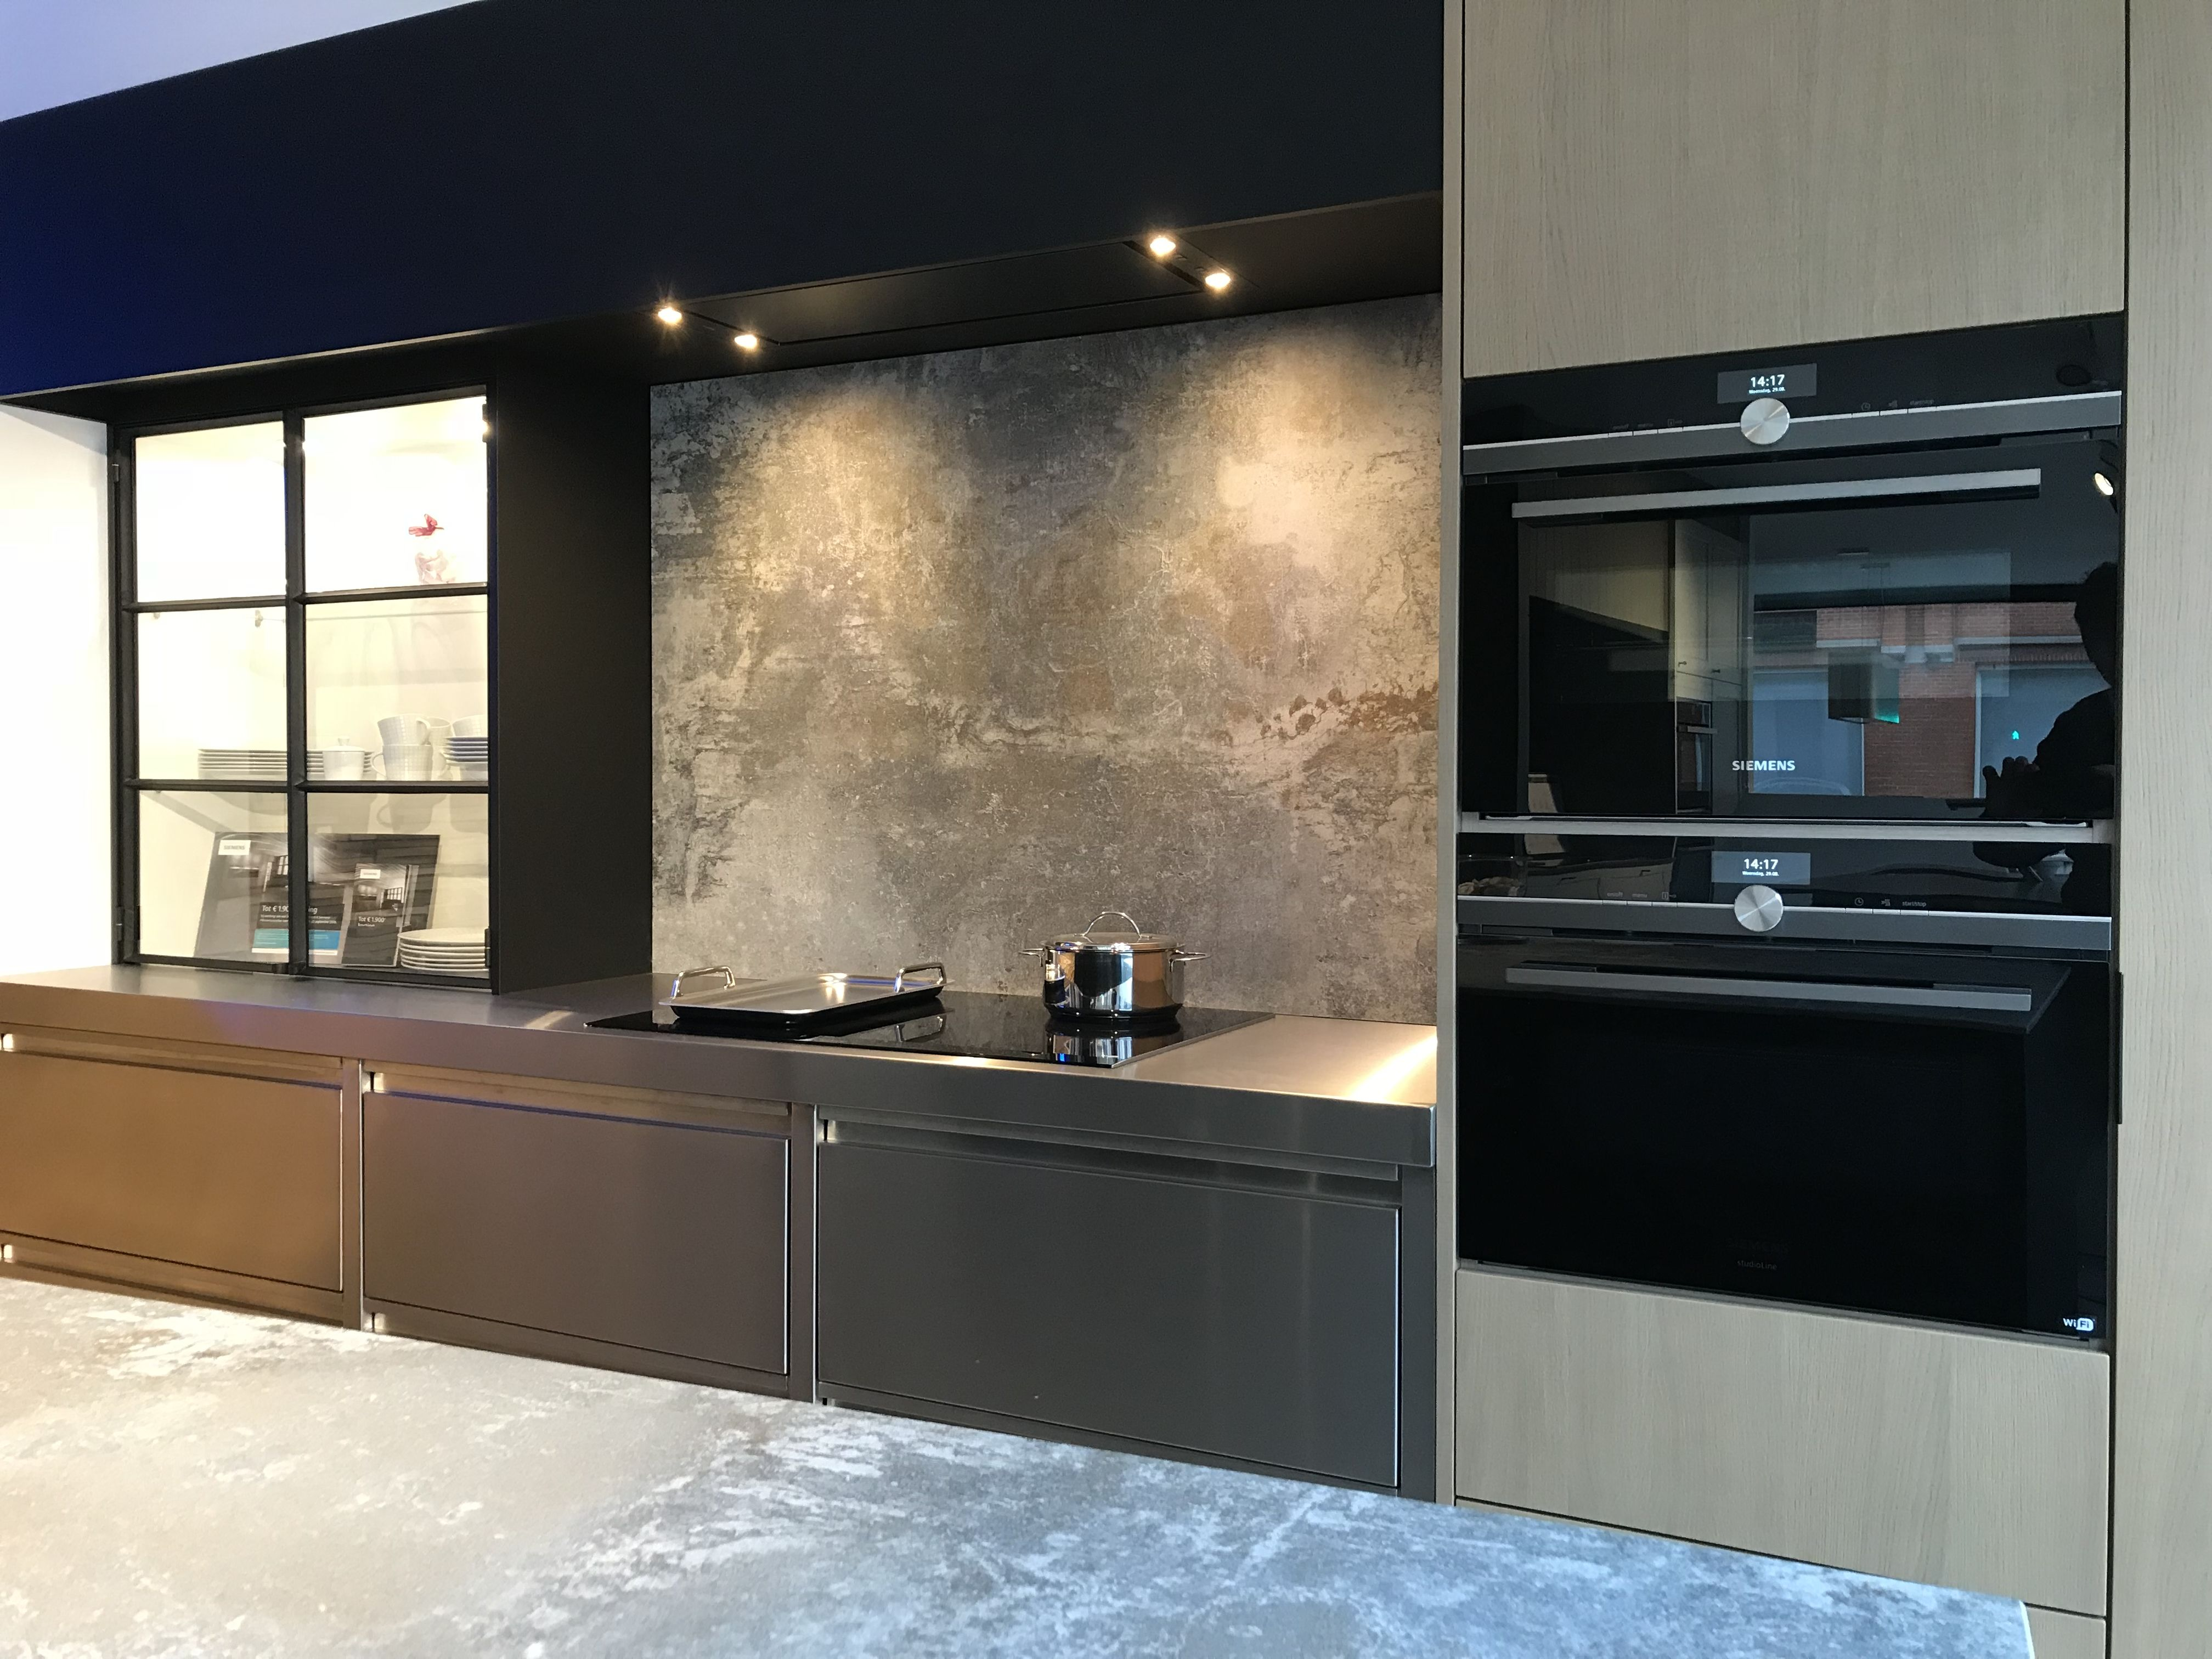 Inox Design Keukens : Combinaties maken die werken daar gaat het om inox mat